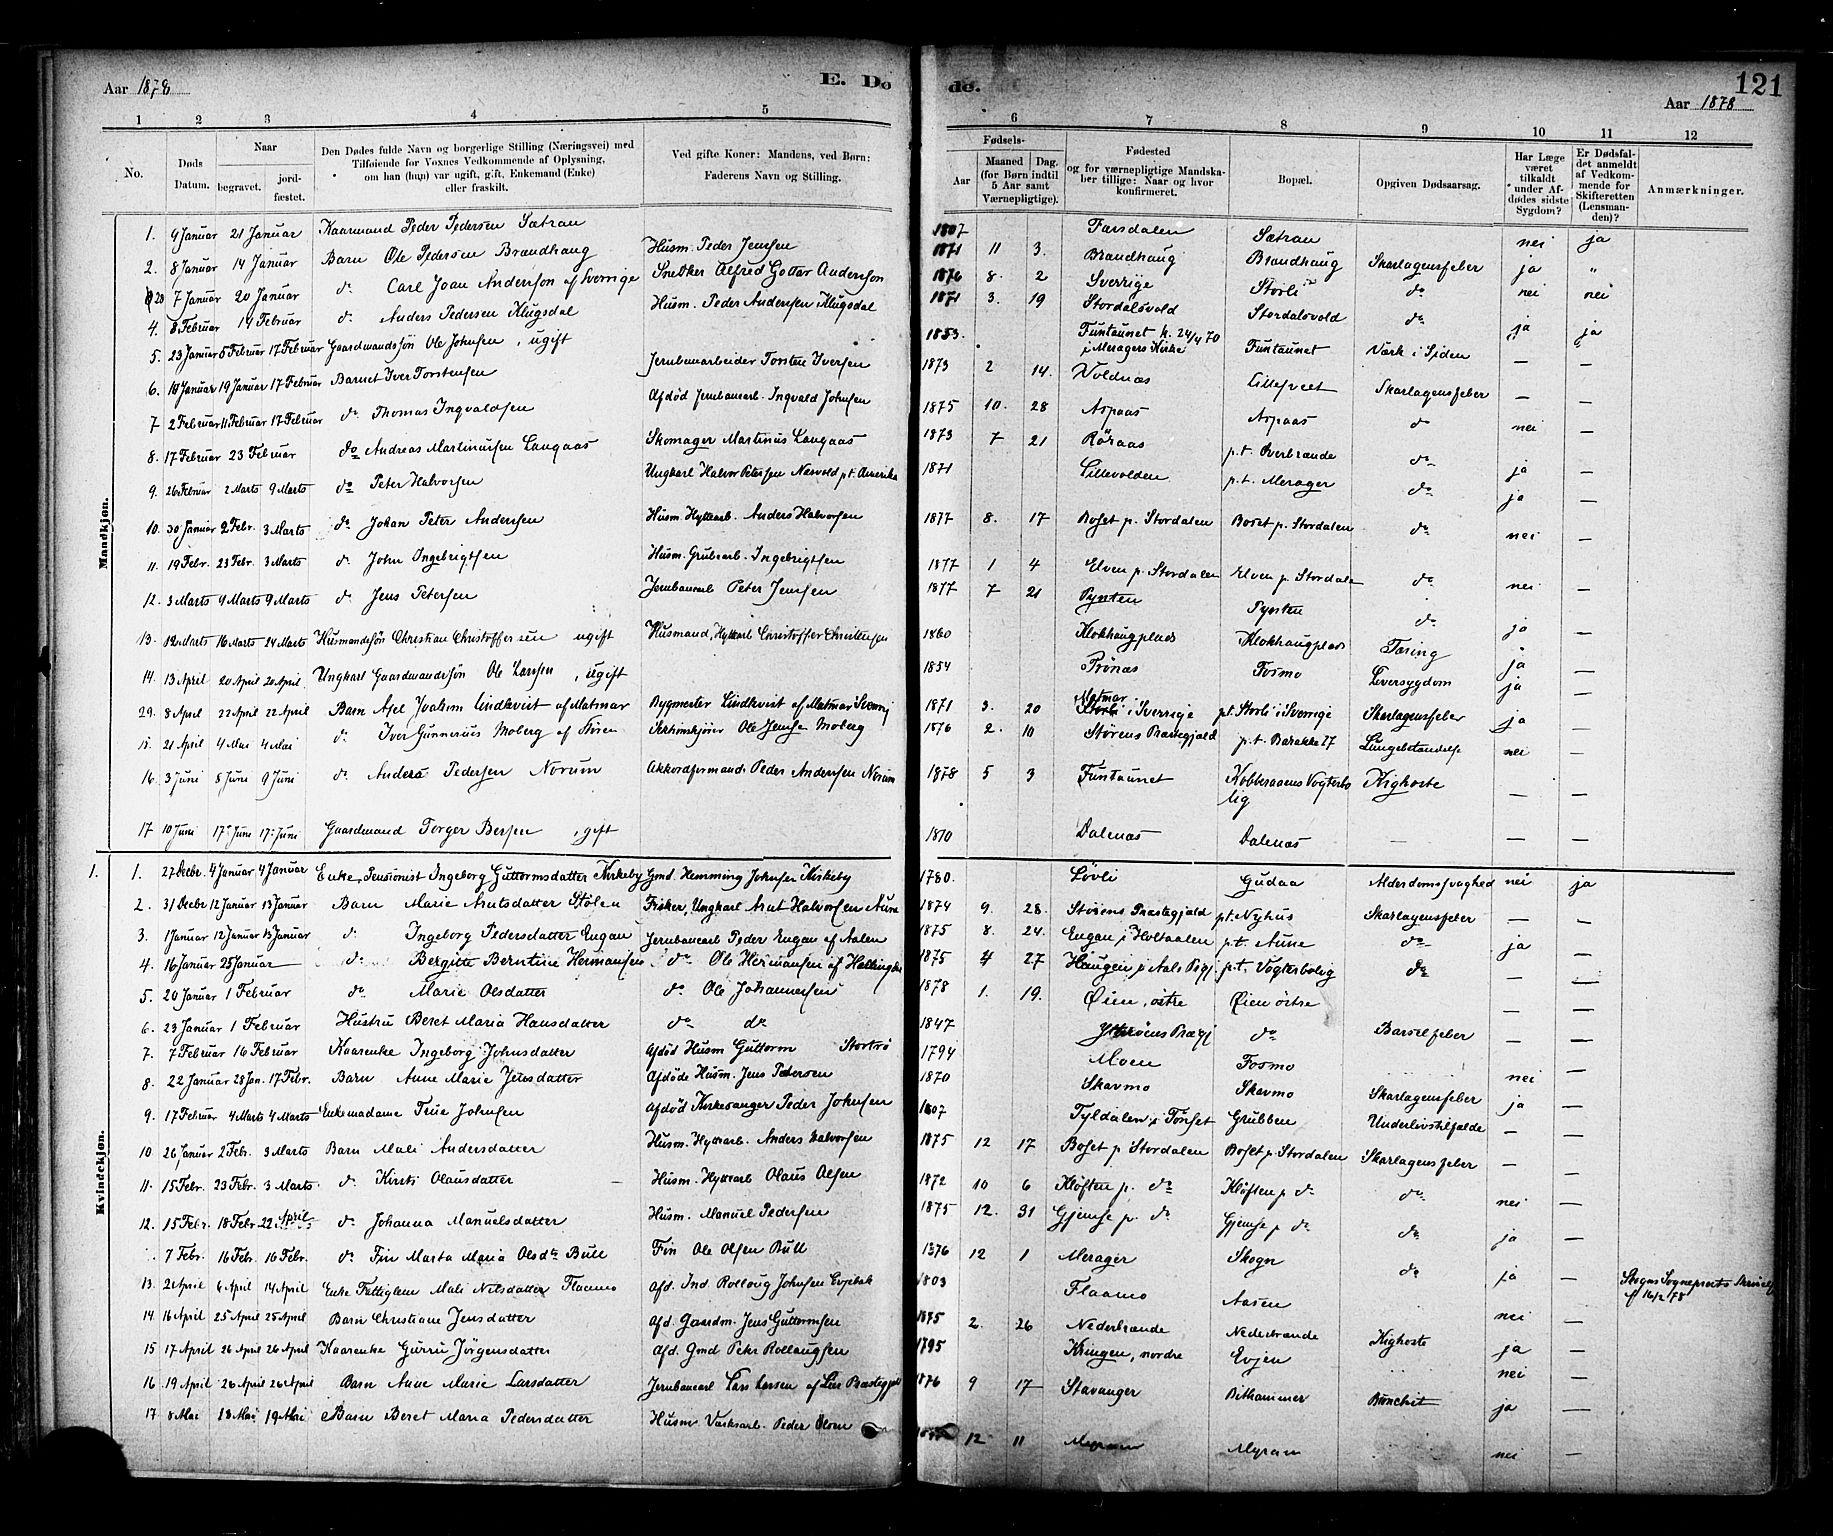 SAT, Ministerialprotokoller, klokkerbøker og fødselsregistre - Nord-Trøndelag, 706/L0047: Parish register (official) no. 706A03, 1878-1892, p. 121